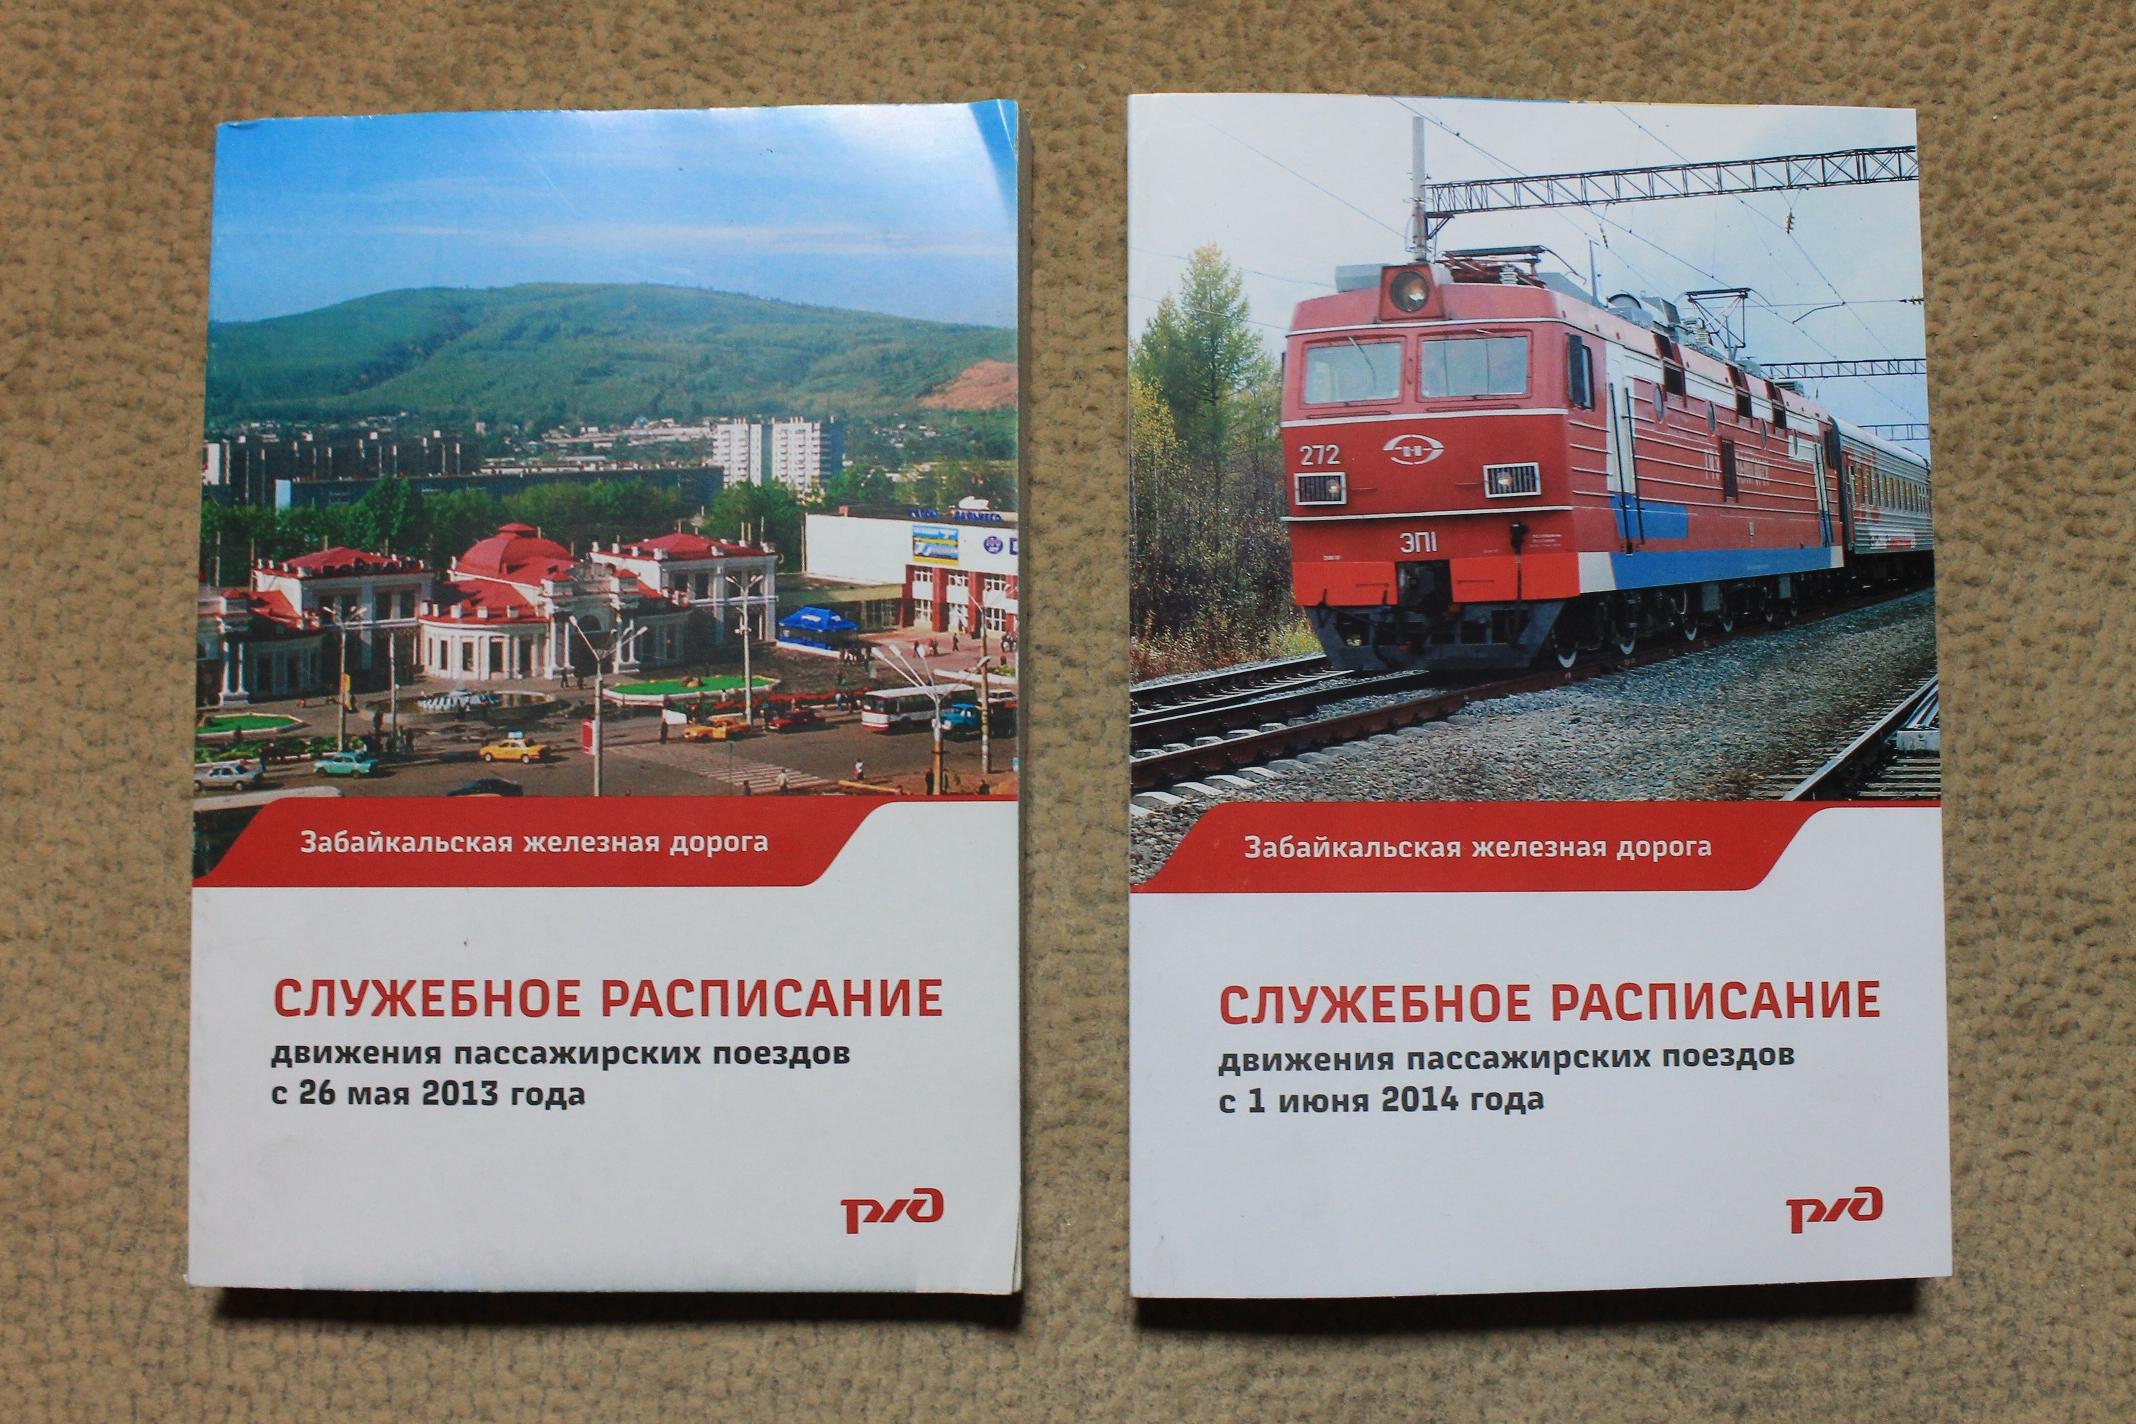 график движения пассажирских поездов ...: zabivan.livejournal.com/26422.html